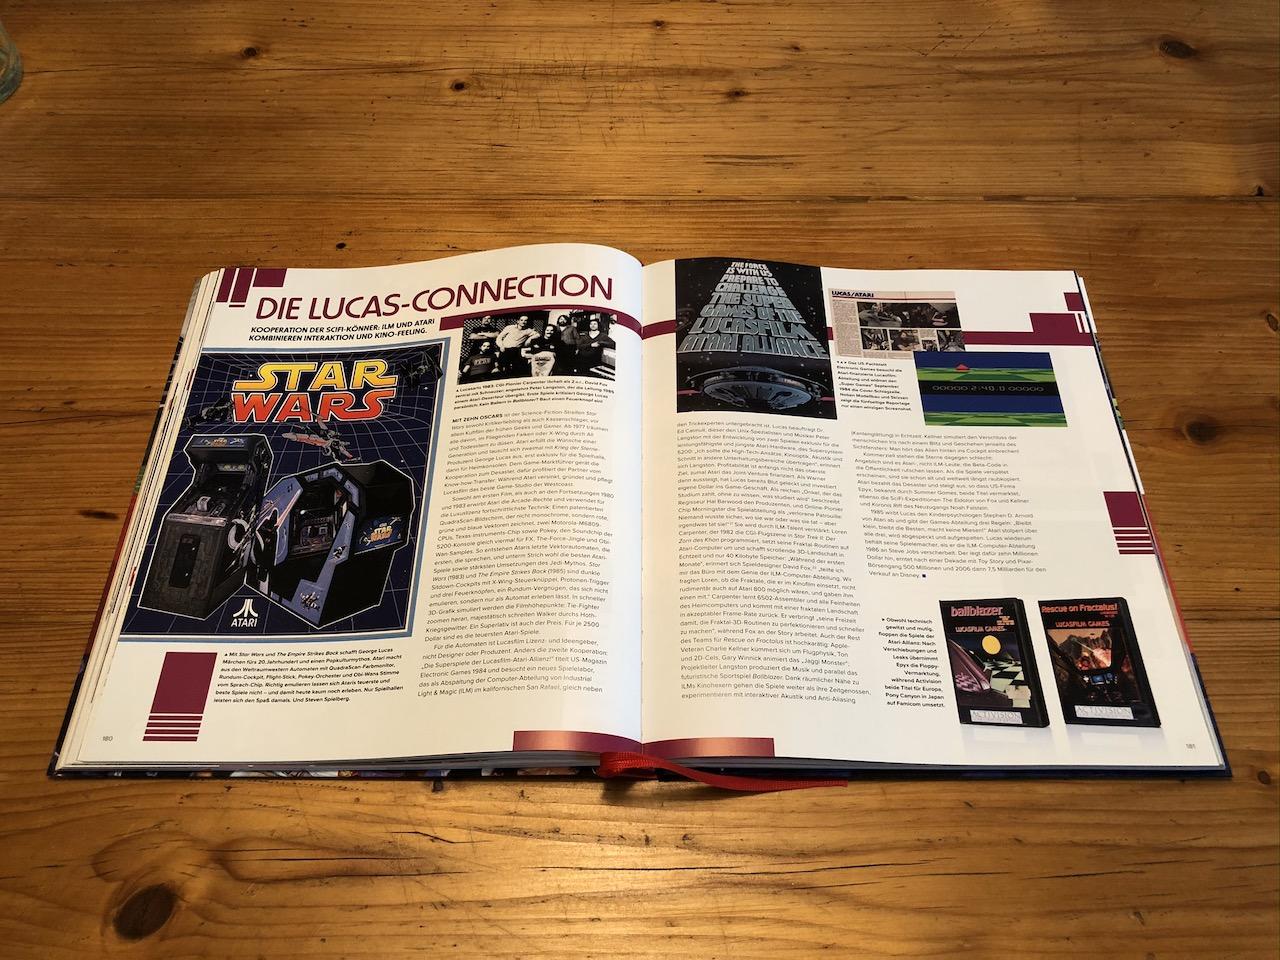 """Wie brachte man die Leinwand-Abenteuer von Luke und Leia auf die Spielkonsole oder den Heimcomputer? Im Kapitel """"Die Lucas-Connection"""", das es nur in der deutschen Ausgabe gibt, könnt ihr die Hintergründe erfahren. (Bild: André Eymann)"""